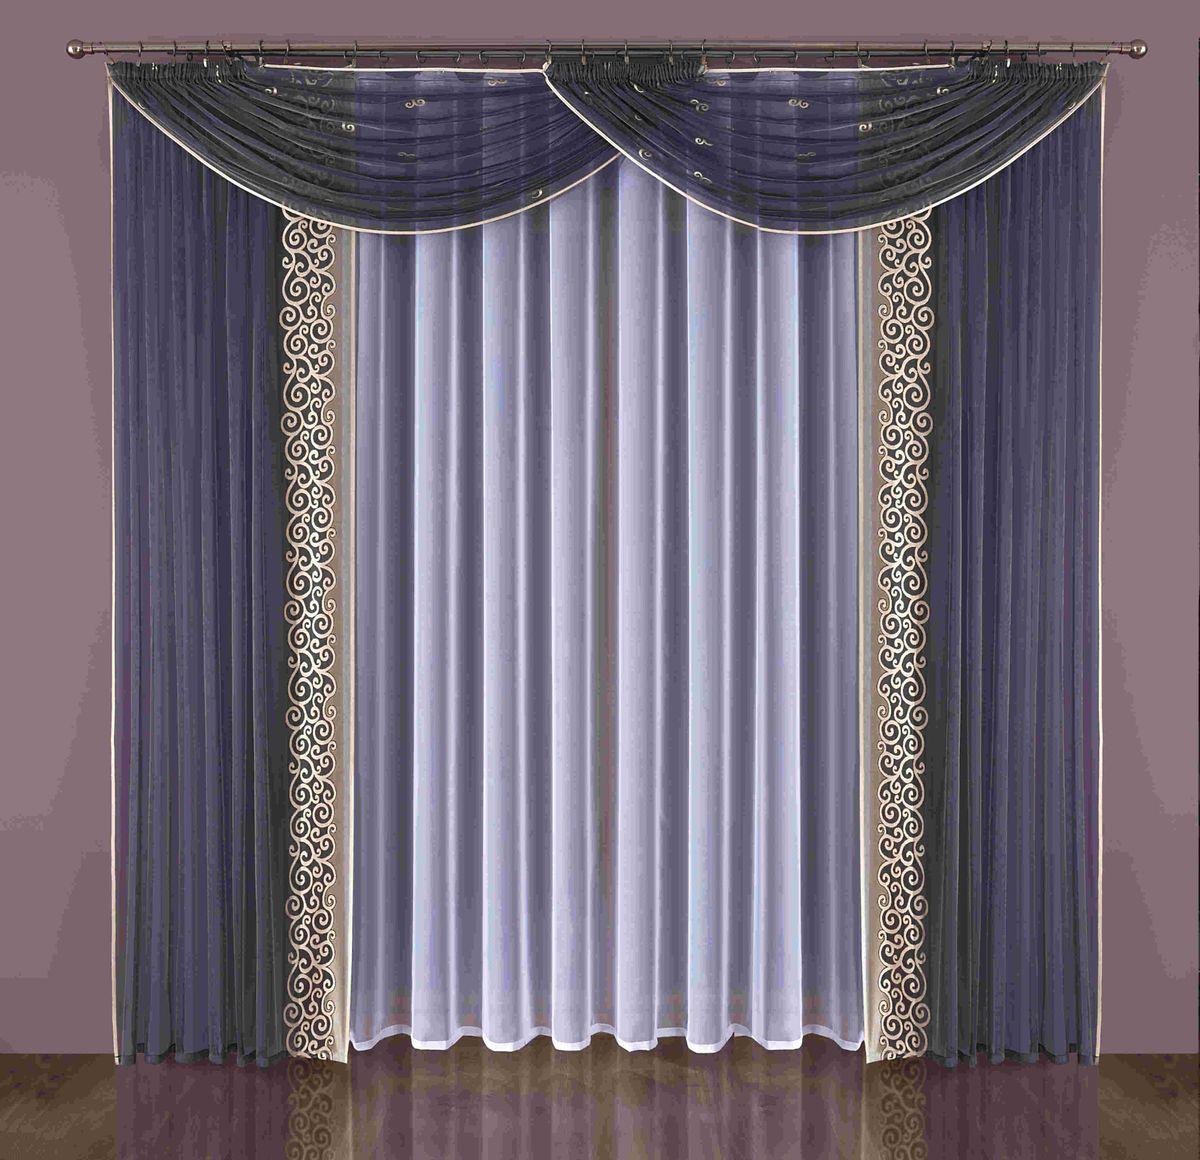 Комплект штор Wisan Brenda, на ленте, цвет: синий, белый, высота 240 смSVC-300Комплект штор Wisan Brenda выполненный из полиэстера, великолепно украсит любое окно. Комплект состоит из 2 штор, тюля и 2 ламбрекенов. Тюль выполнен из органзы, шторы изготовлены из полиэстера тонкого жаккардового плетения. Оригинальный дизайн и контрастная цветовая гамма привлекут к себе внимание и органично впишутся в интерьер комнаты. Все предметы комплекта оснащены шторной лентой для красивой драпировки. В комплект входит: Штора - 2 шт. Размер (ШхВ): 150 см х 240 см. Тюль - 1 шт. Размер (ШхВ): 400 см х 240 см. Ламбрекен - 2 шт. Размер (ШхВ): 180 см х 140 см. Фирма Wisan на польском рынке существует уже более пятидесяти лет и является одной из лучших польских фабрик по производству штор и тканей. Ассортимент фирмы представлен готовыми комплектами штор для гостиной, детской, кухни, а также текстилем для кухни (скатерти, салфетки, дорожки, кухонные занавески). Модельный ряд отличает оригинальный дизайн, высокое качество. Ассортимент продукции постоянно пополняется.